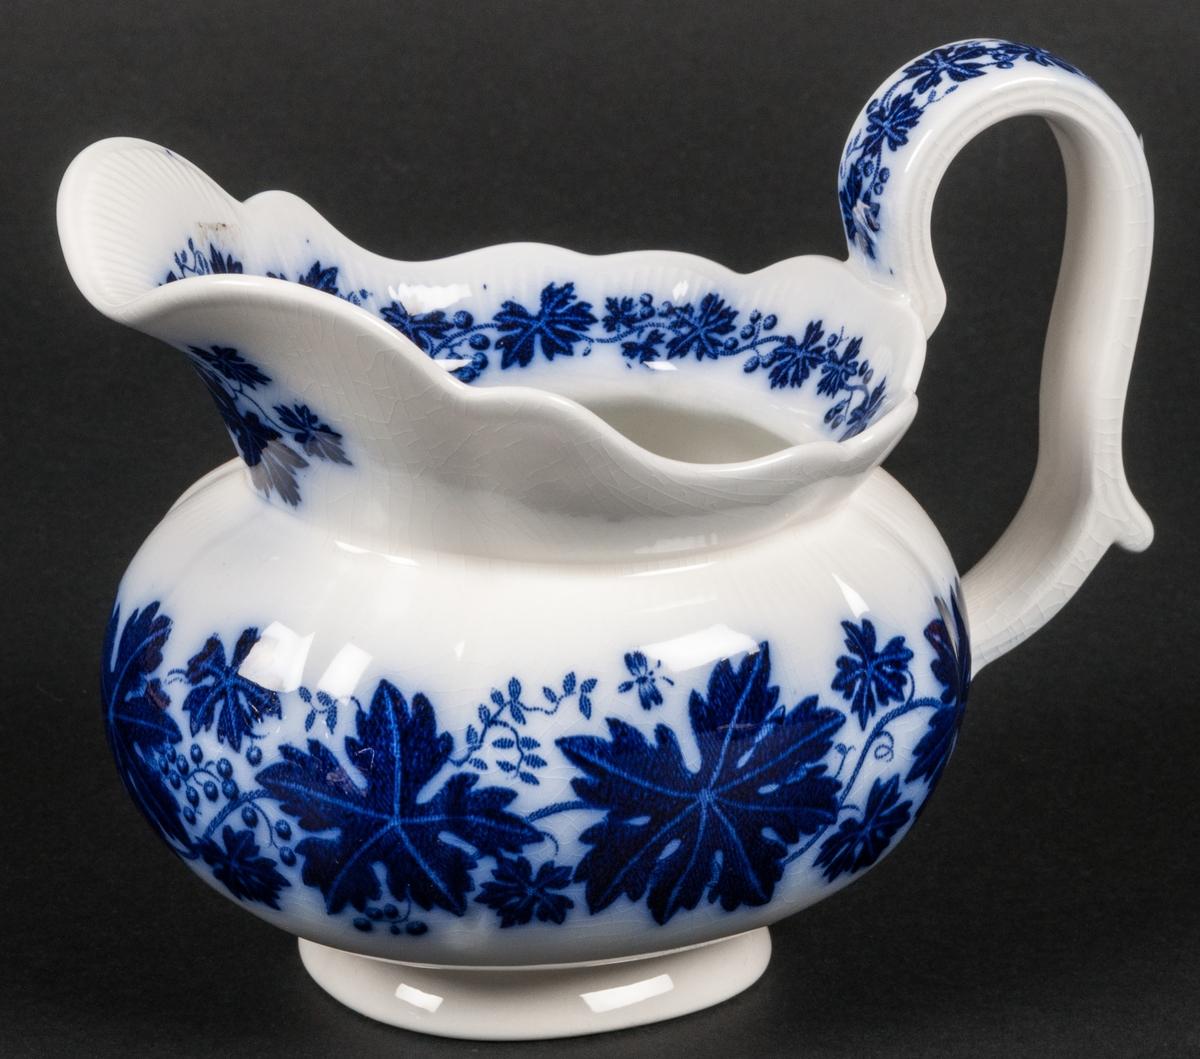 Såskanna, Modell AO. Vinranka blå. Vit botten med blå flytande dekor av vinrankor. Gravyrdekor under glasyen.